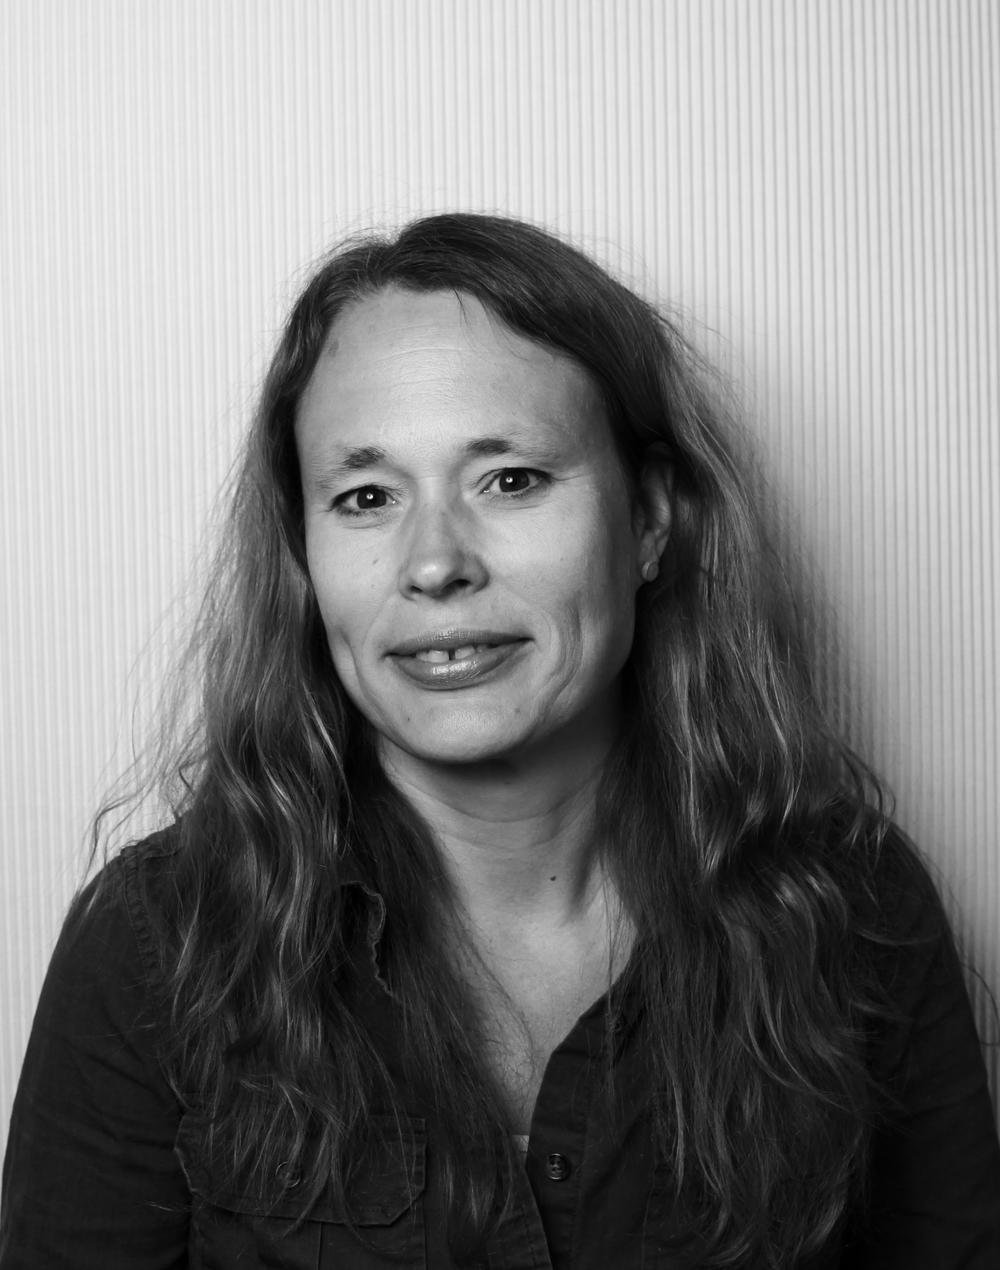 Susanna Ahlander